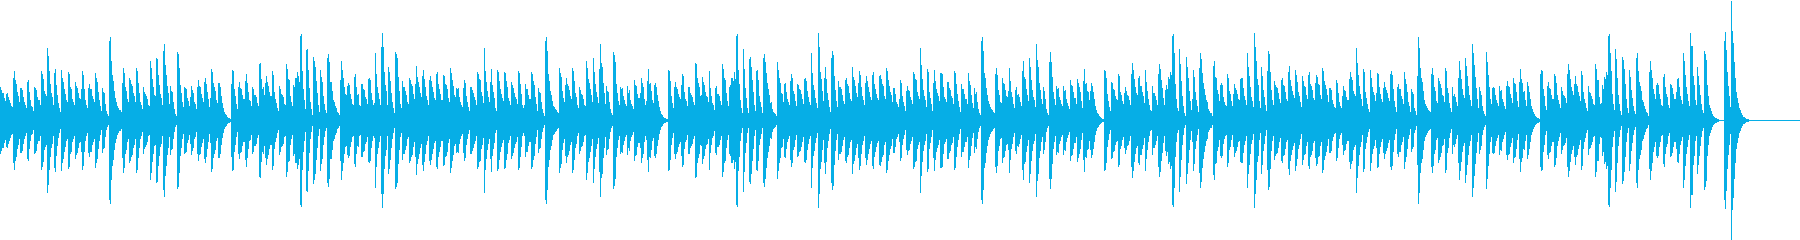 お料理動画にぴったり!軽快ピアノBGMの再生済みの波形